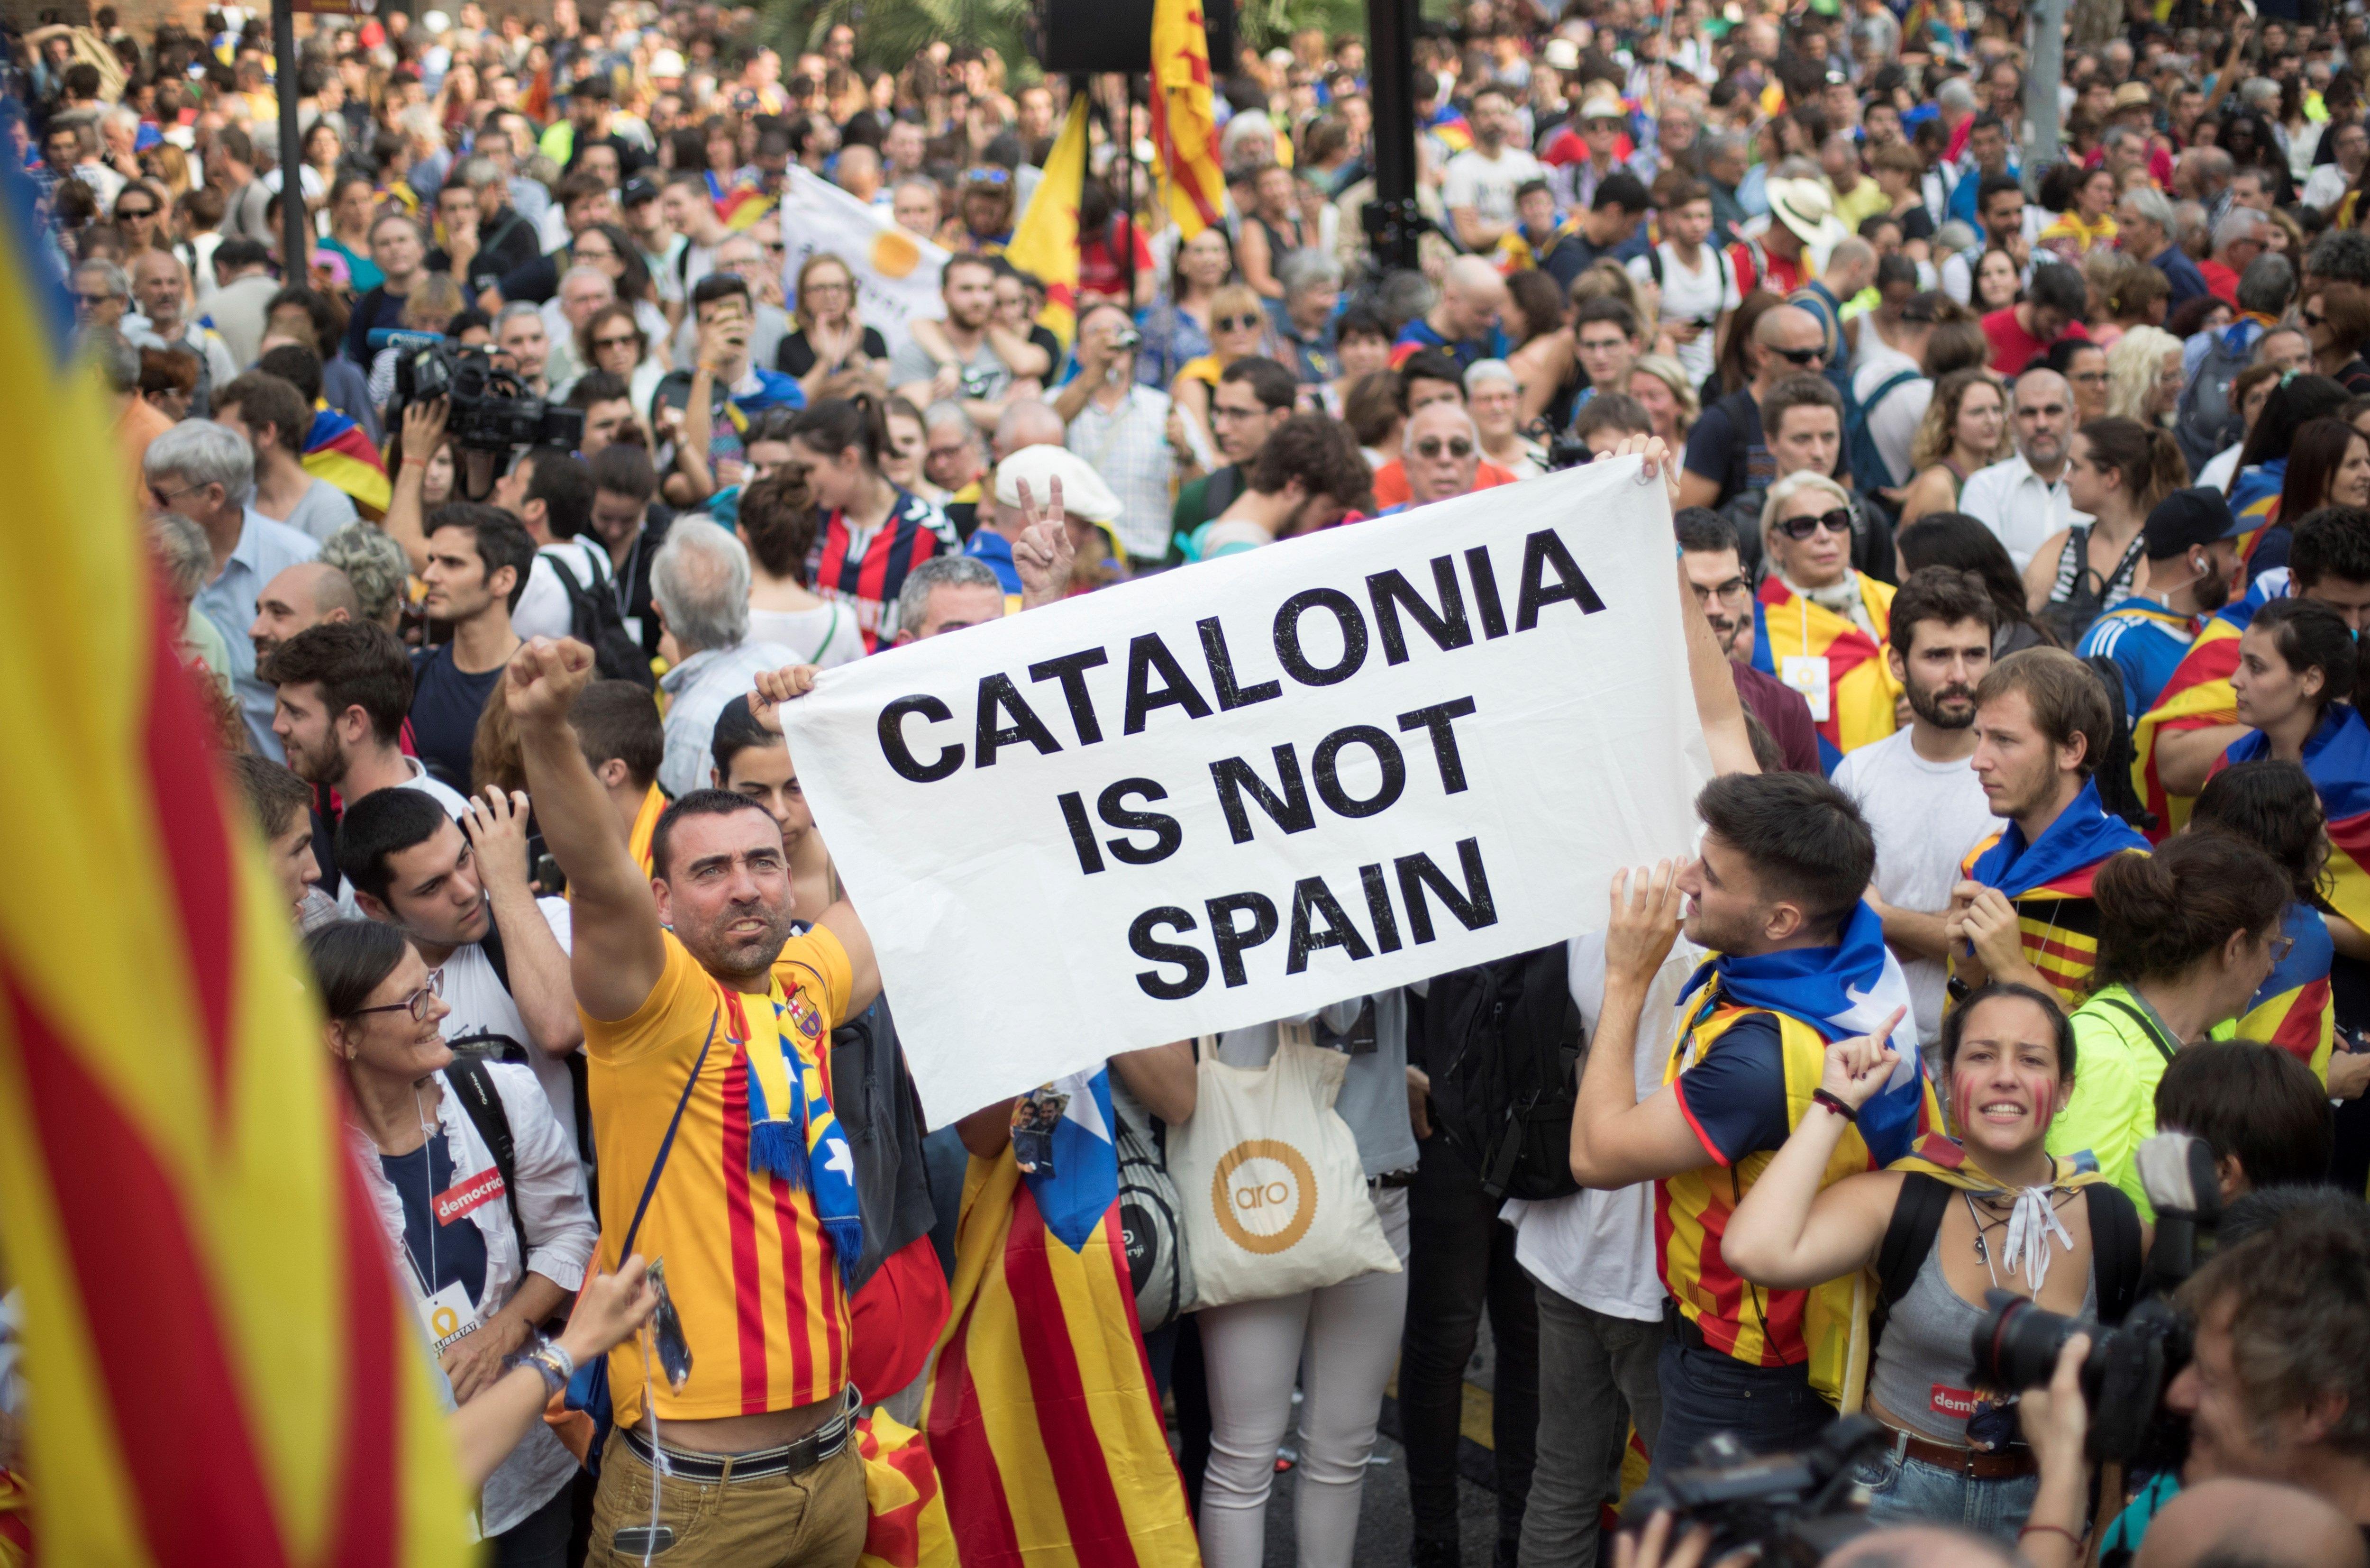 """Днес регионалният парламент на Каталуния одобри обявяването на независимост от Испания с тайно гласуване. """"Установяваме Каталунската република, независима и суверенна държава под върховенството на закона"""", гласи текста на гласуваната резолюция. Испания веднага отвърна с прилагането на член 155 от Конституцията, с който се отнема автономията на областта. Междувременно хиляди хора по улиците на Барселона празнуваха акта за независимост на Каталуния."""